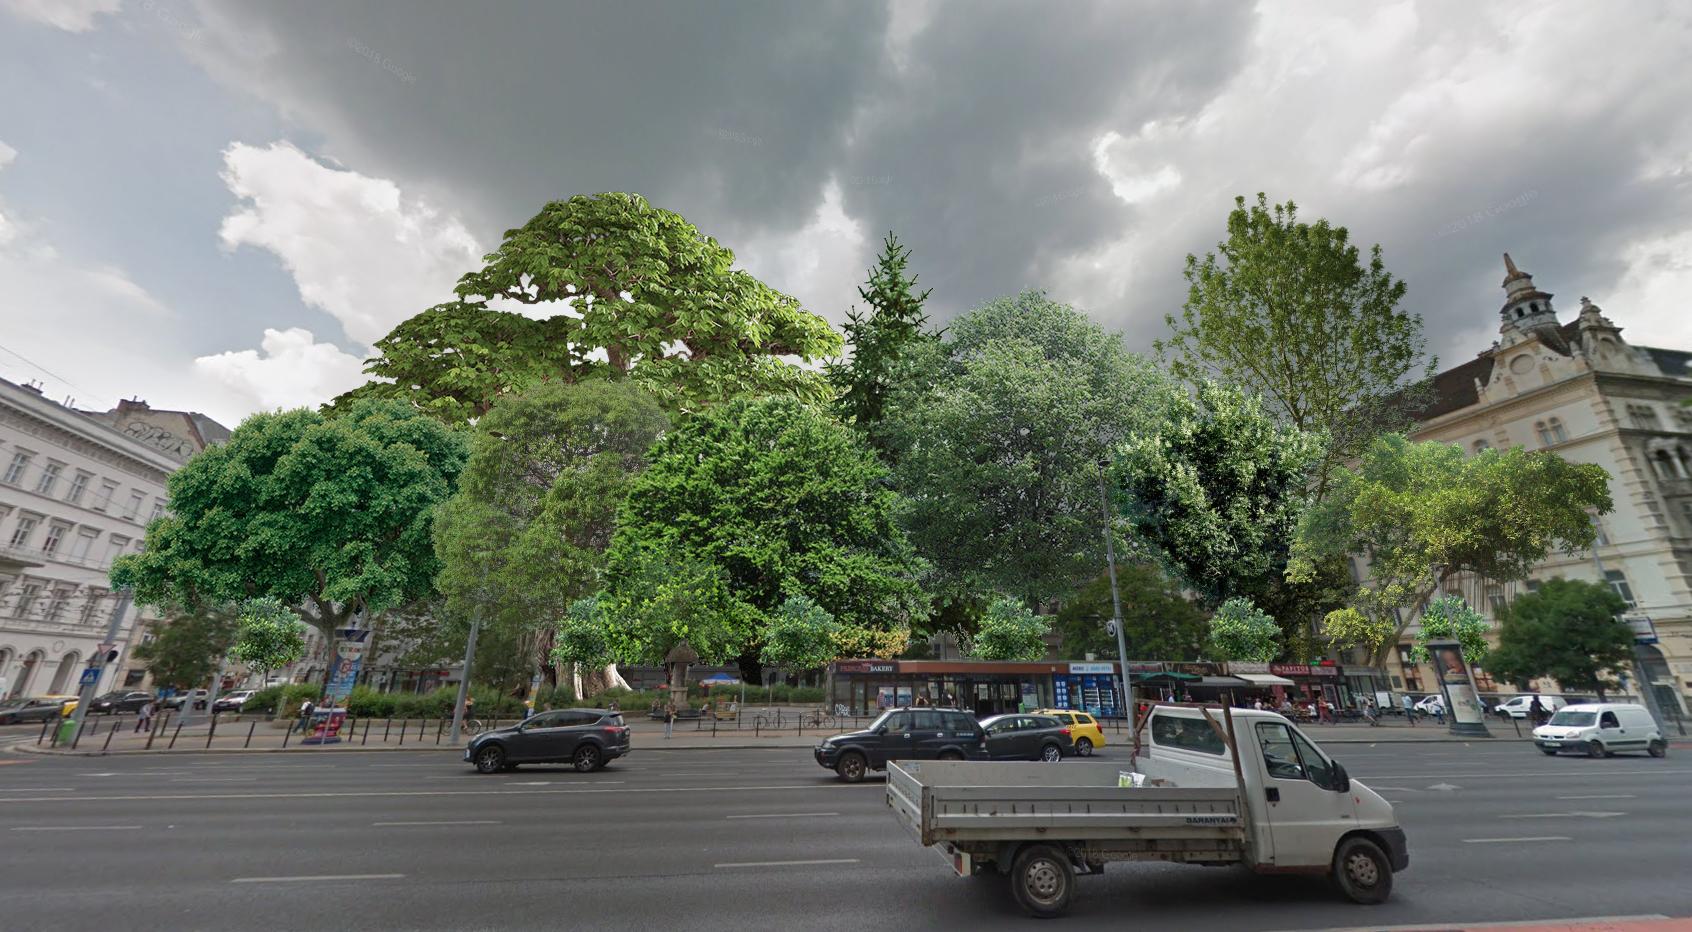 Csak a legkeményebb erdőjáróknak javasoljuk az Arany János utcai metrómegálló köré ültetett új városi erdő megközelítését